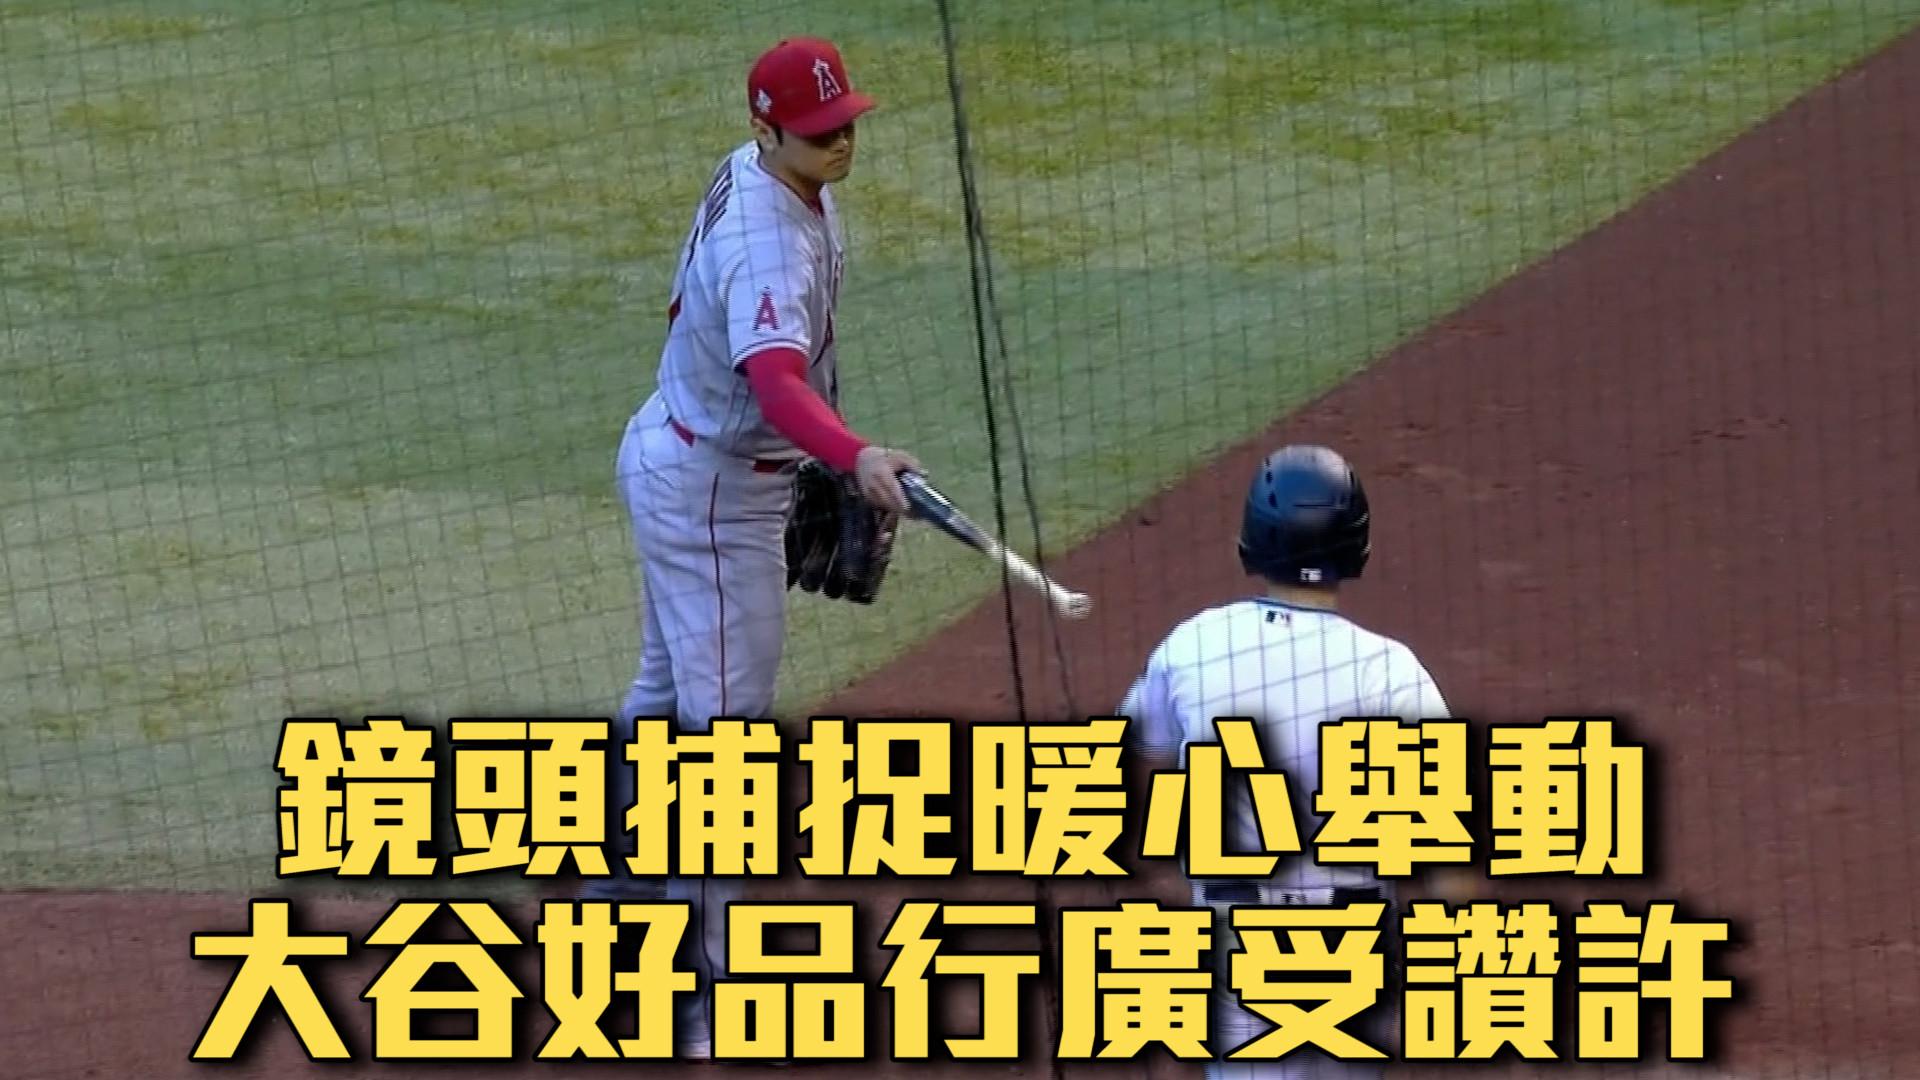 【MLB看愛爾達】大谷不解裁判判決 暖心舉動廣受讚許 06/12